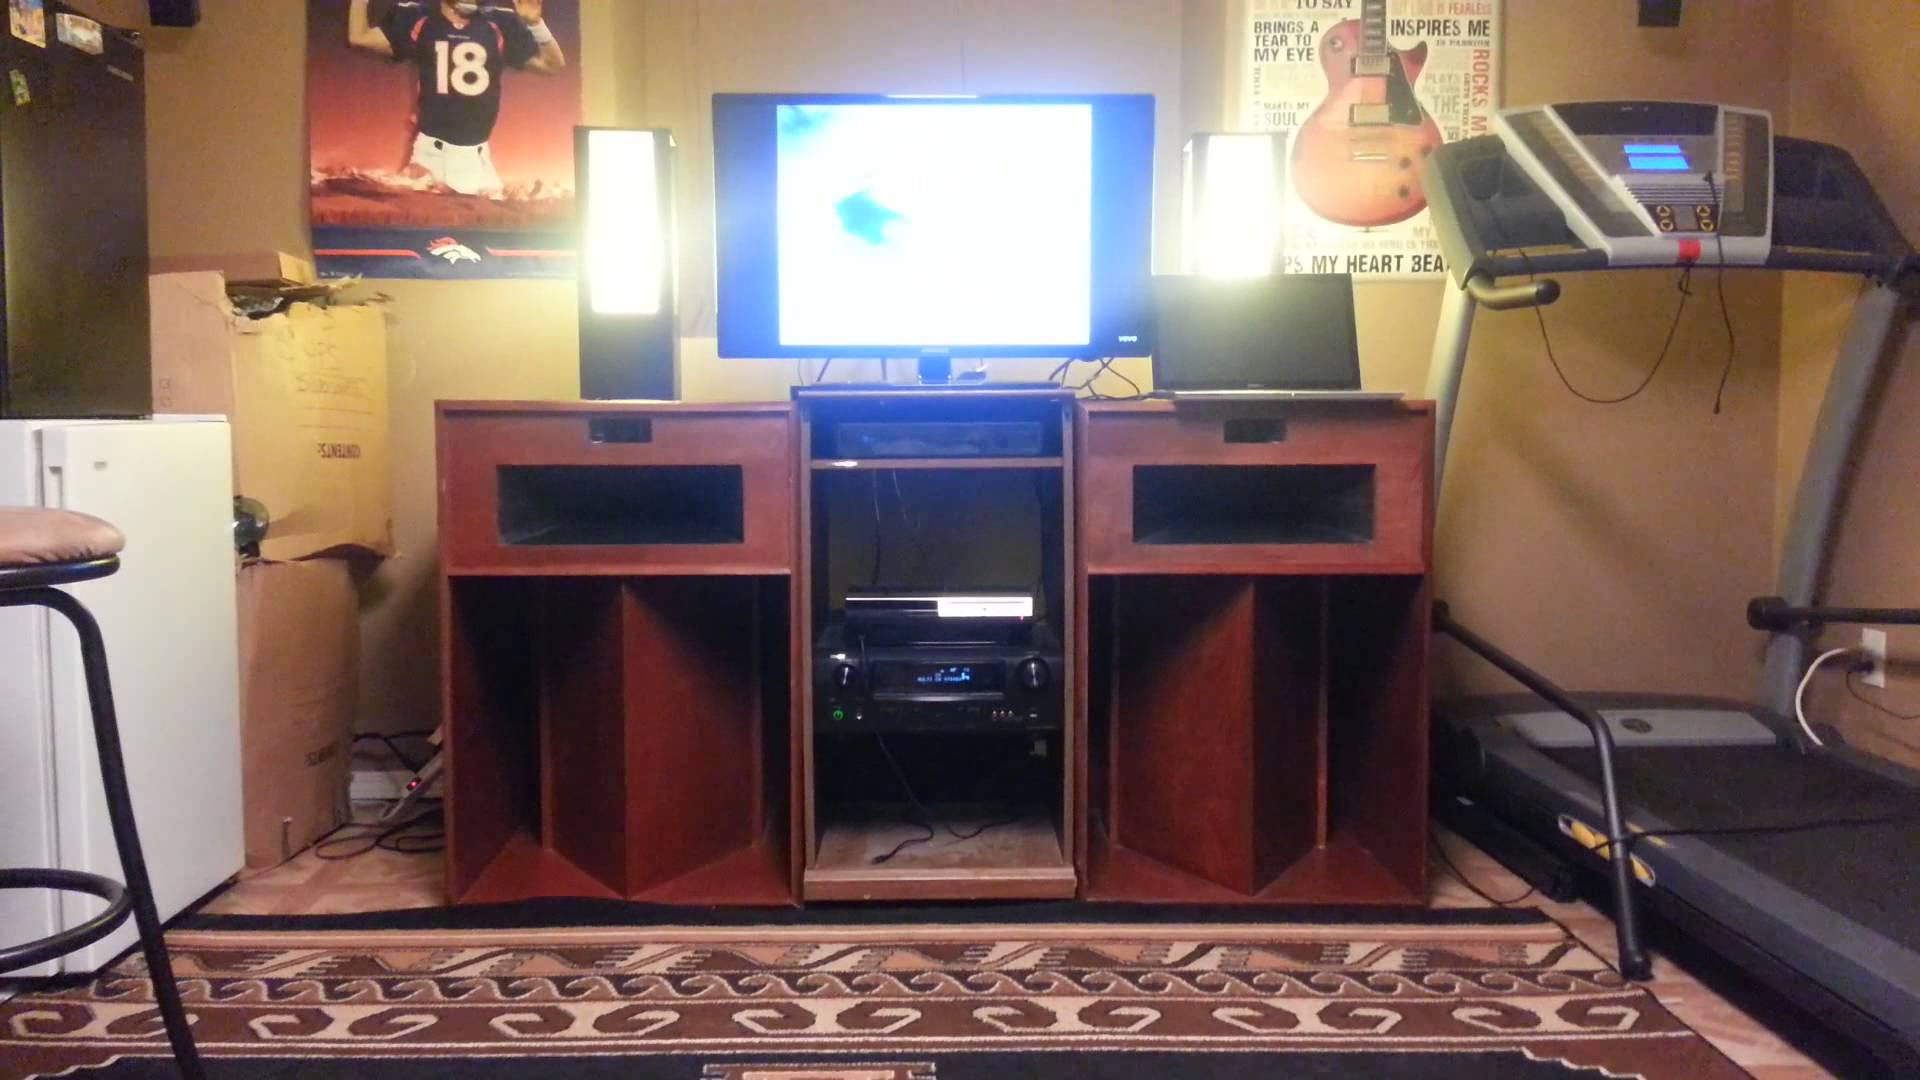 loa klipsch la scala ii chi c loa l u i tr i nhi m. Black Bedroom Furniture Sets. Home Design Ideas